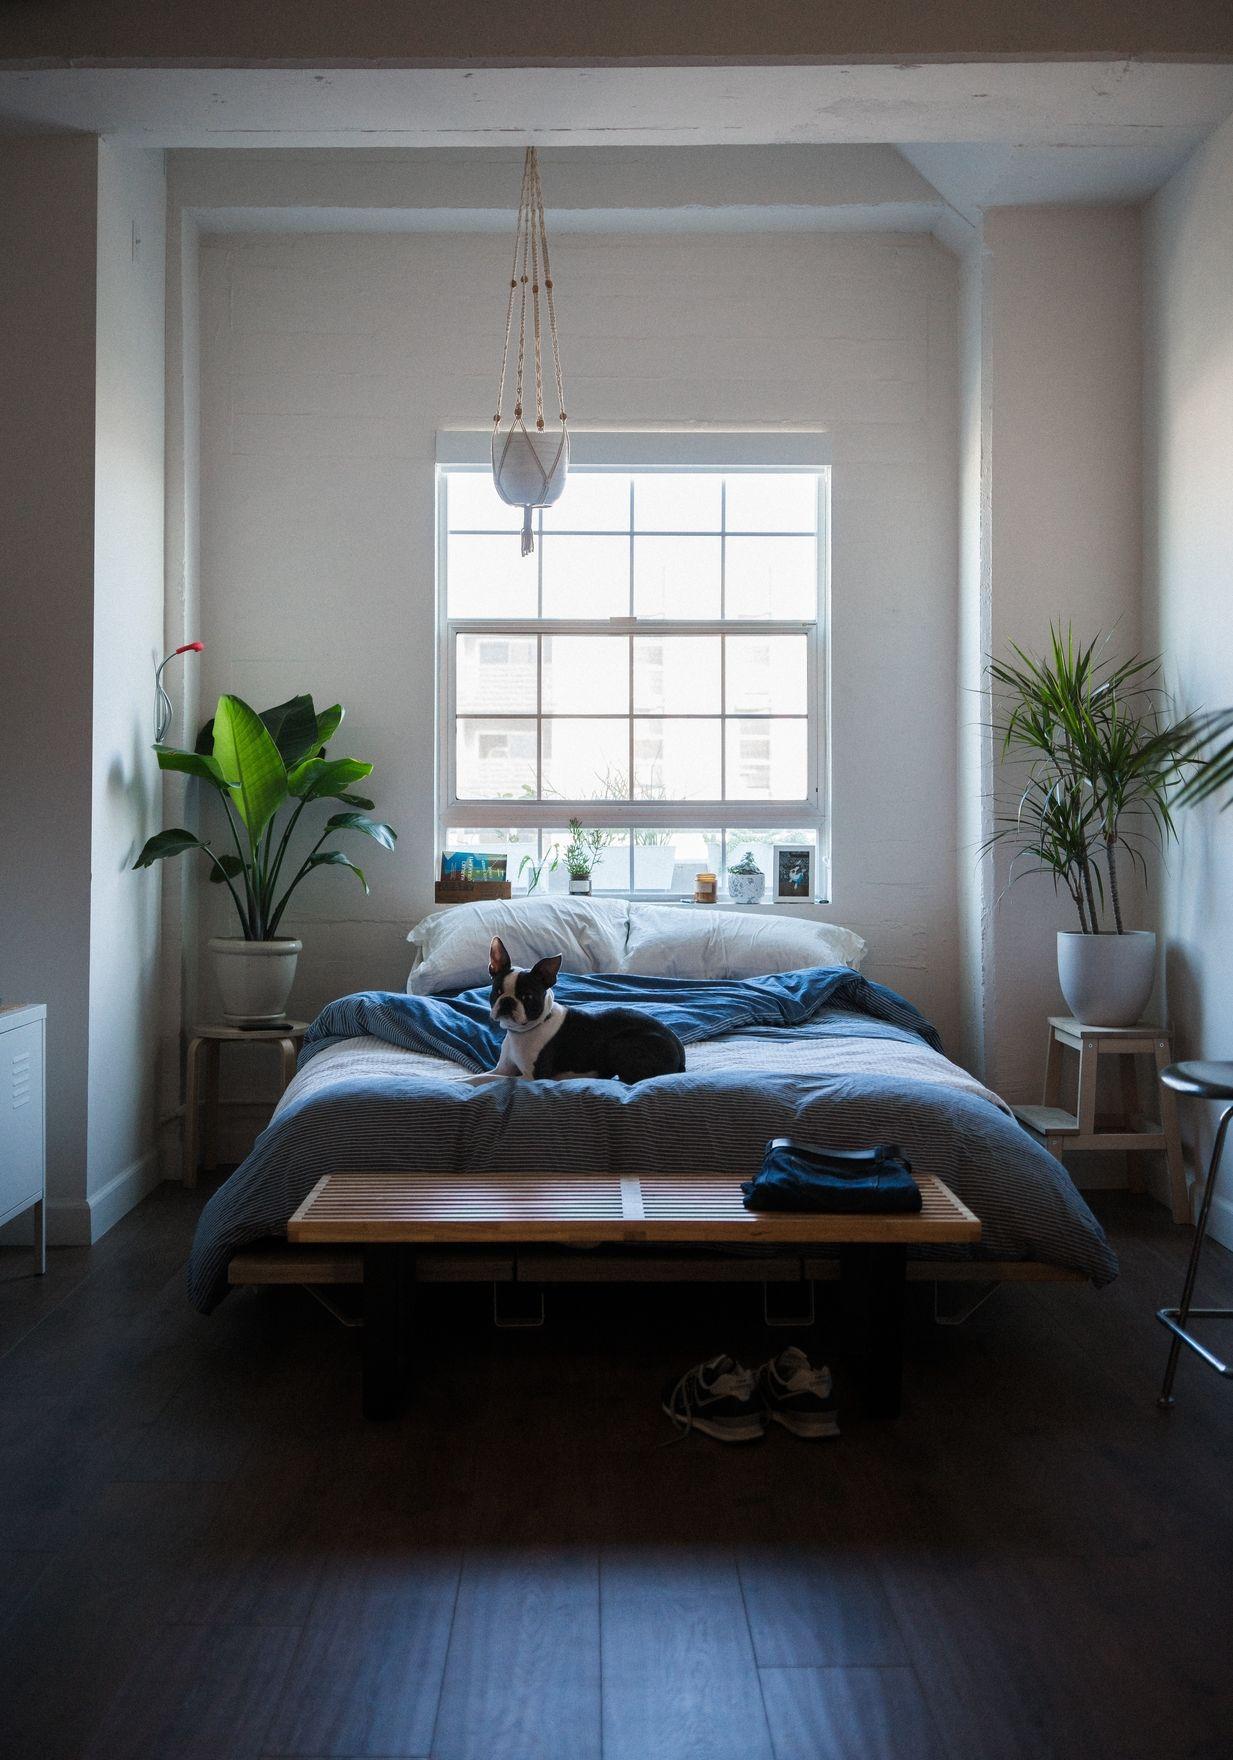 Pflanzen im Schlafzimmer | IDEAS INTERIORES | Schlafzimmer ...